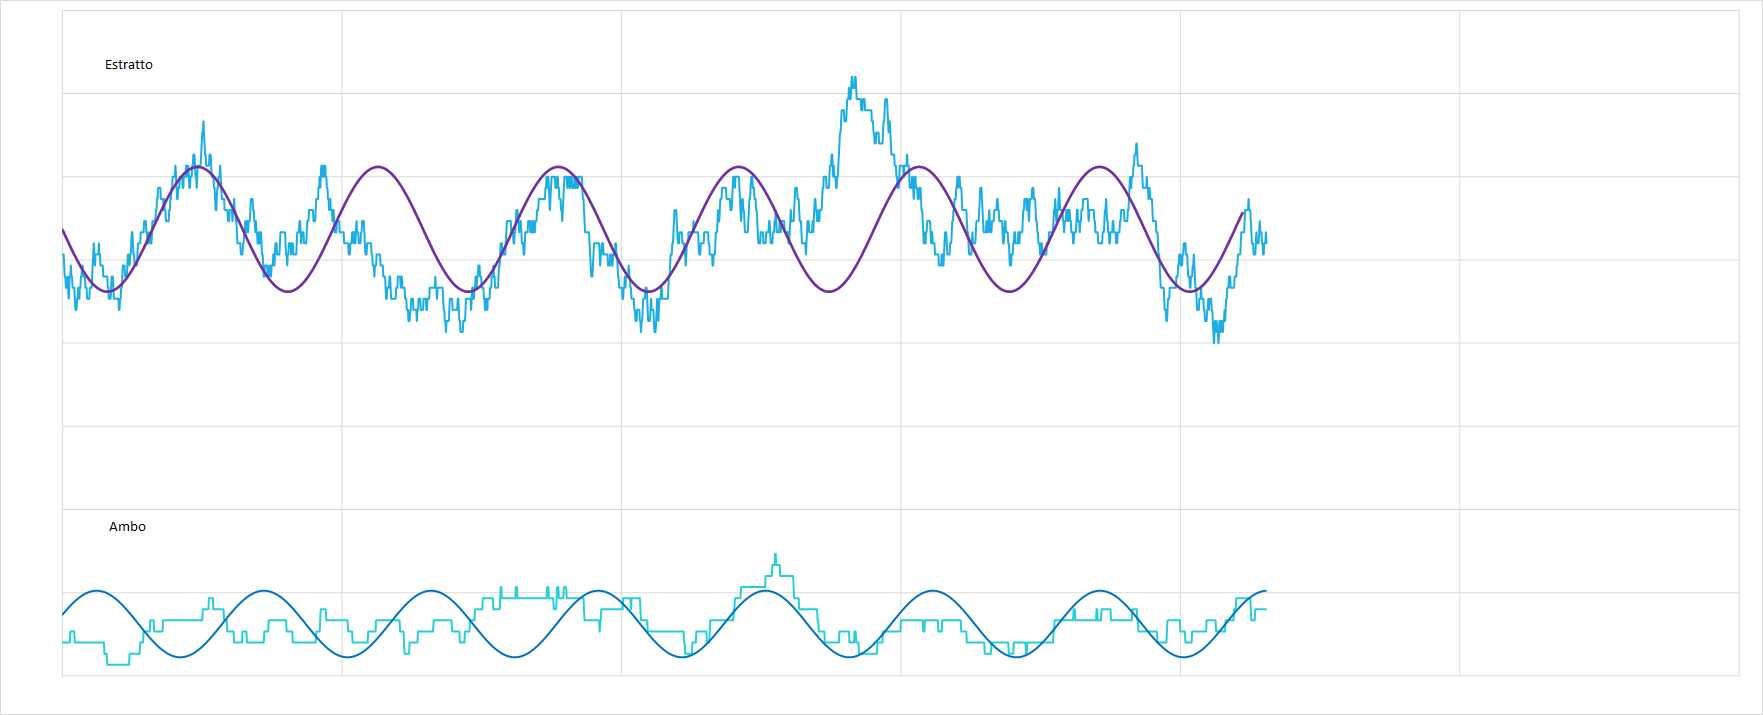 Ipotetico andamento sinusoidale interpolante per le medie dell'estratto e dell'ambo - Aggiornato all'estrazione precedente il 20 Marzo 2021